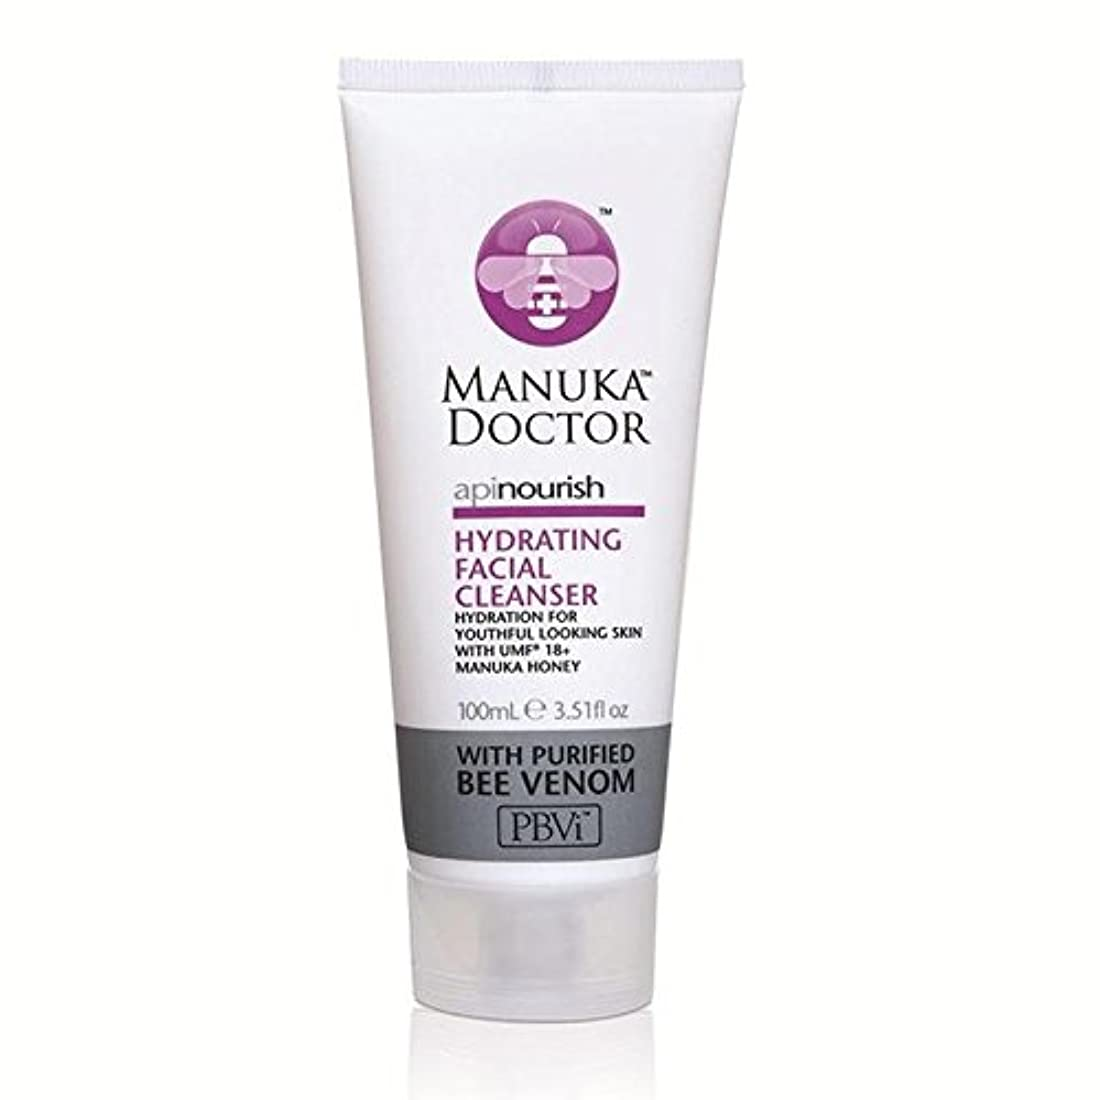 チョークキャッチコマンドManuka Doctor Api Nourish Hydrating Facial Cleanser 100ml (Pack of 6) - マヌカドクター洗顔料の100ミリリットルの水和養います x6 [並行輸入品]